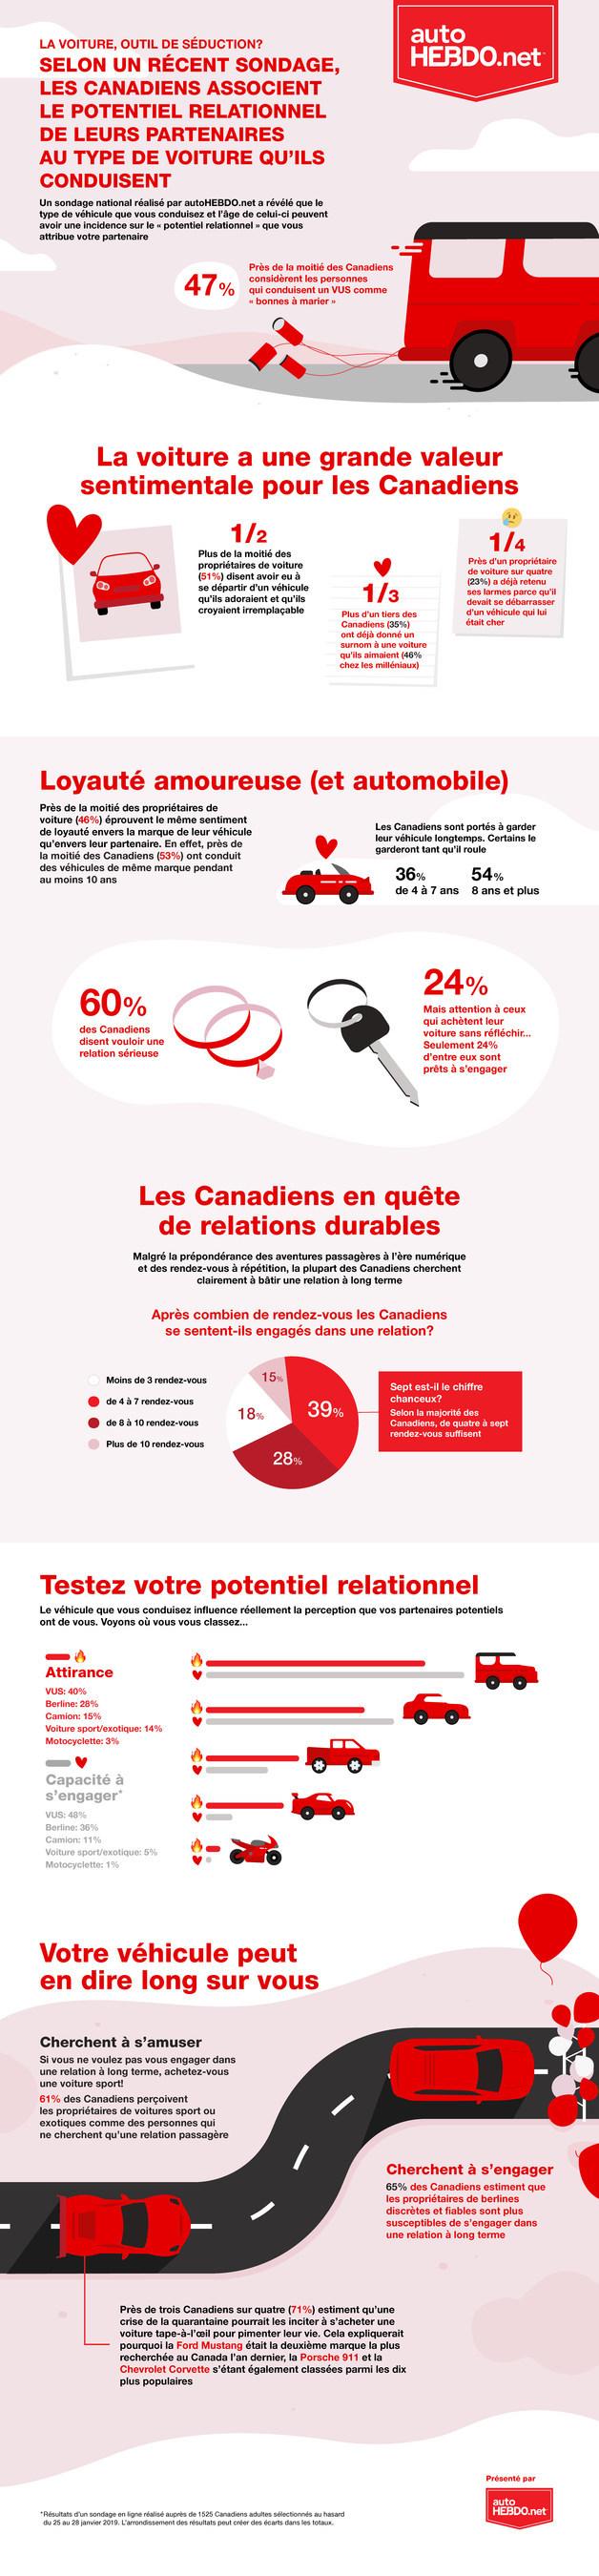 Un sondage national réalisé par autoHEBDO.net a révélé que le type de véhicule que vous conduisez et l'âge de celui-ci peuvent avoir une incidence sur le « potentiel relationnel » que vous attribue votre partenaire (Groupe CNW/autoTRADER.ca)